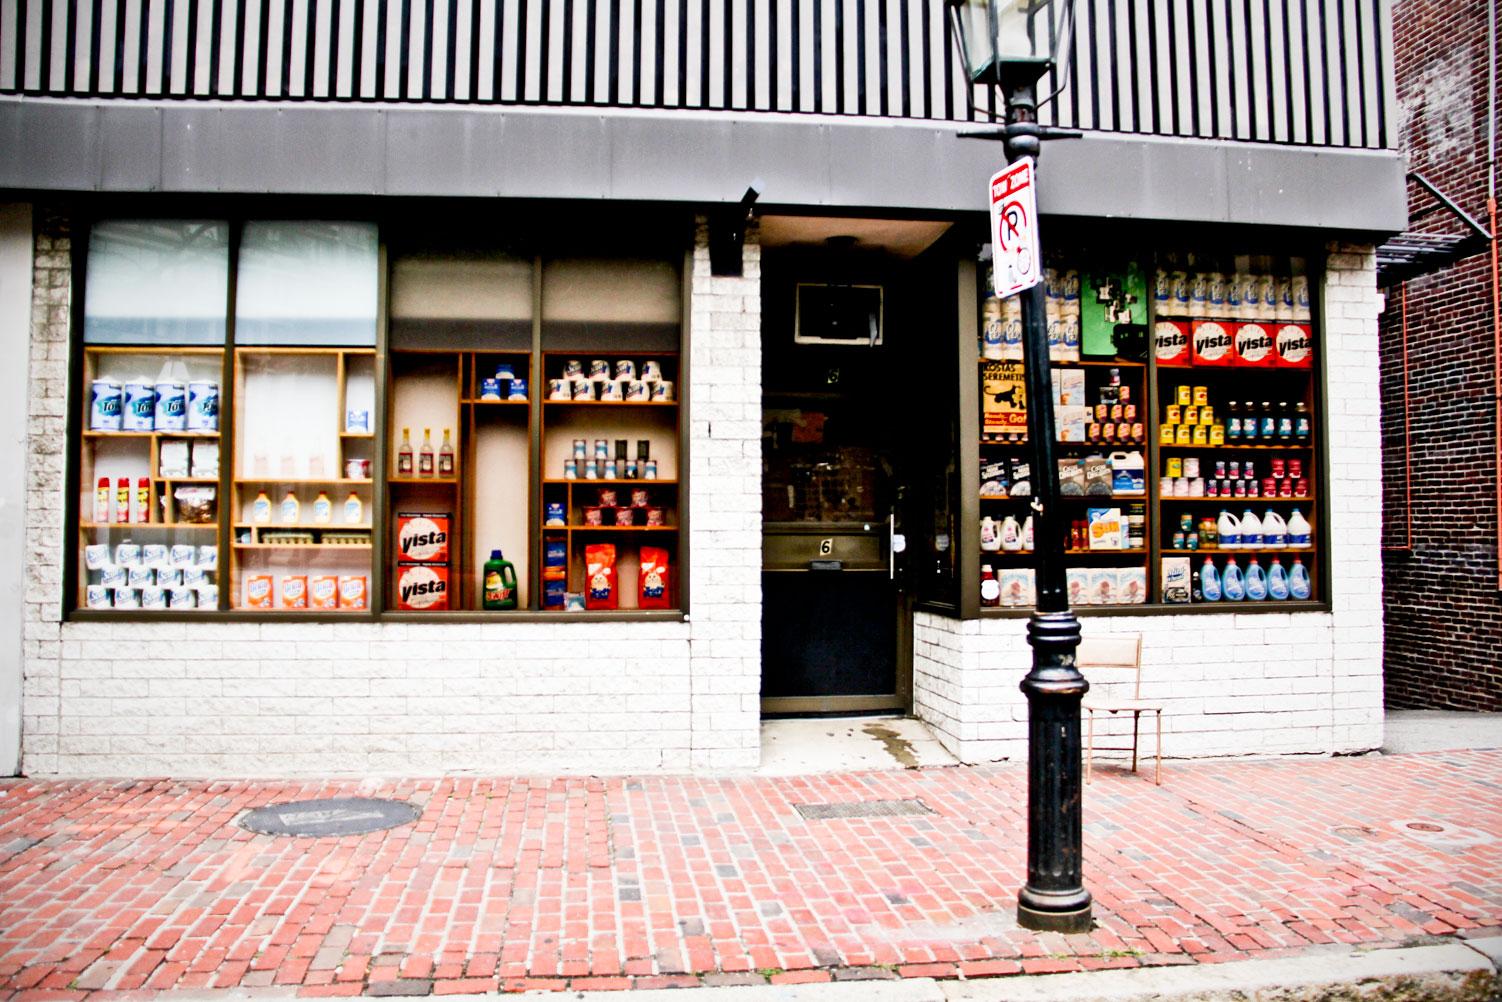 Bodega boston s best sneaker store for the love of nike